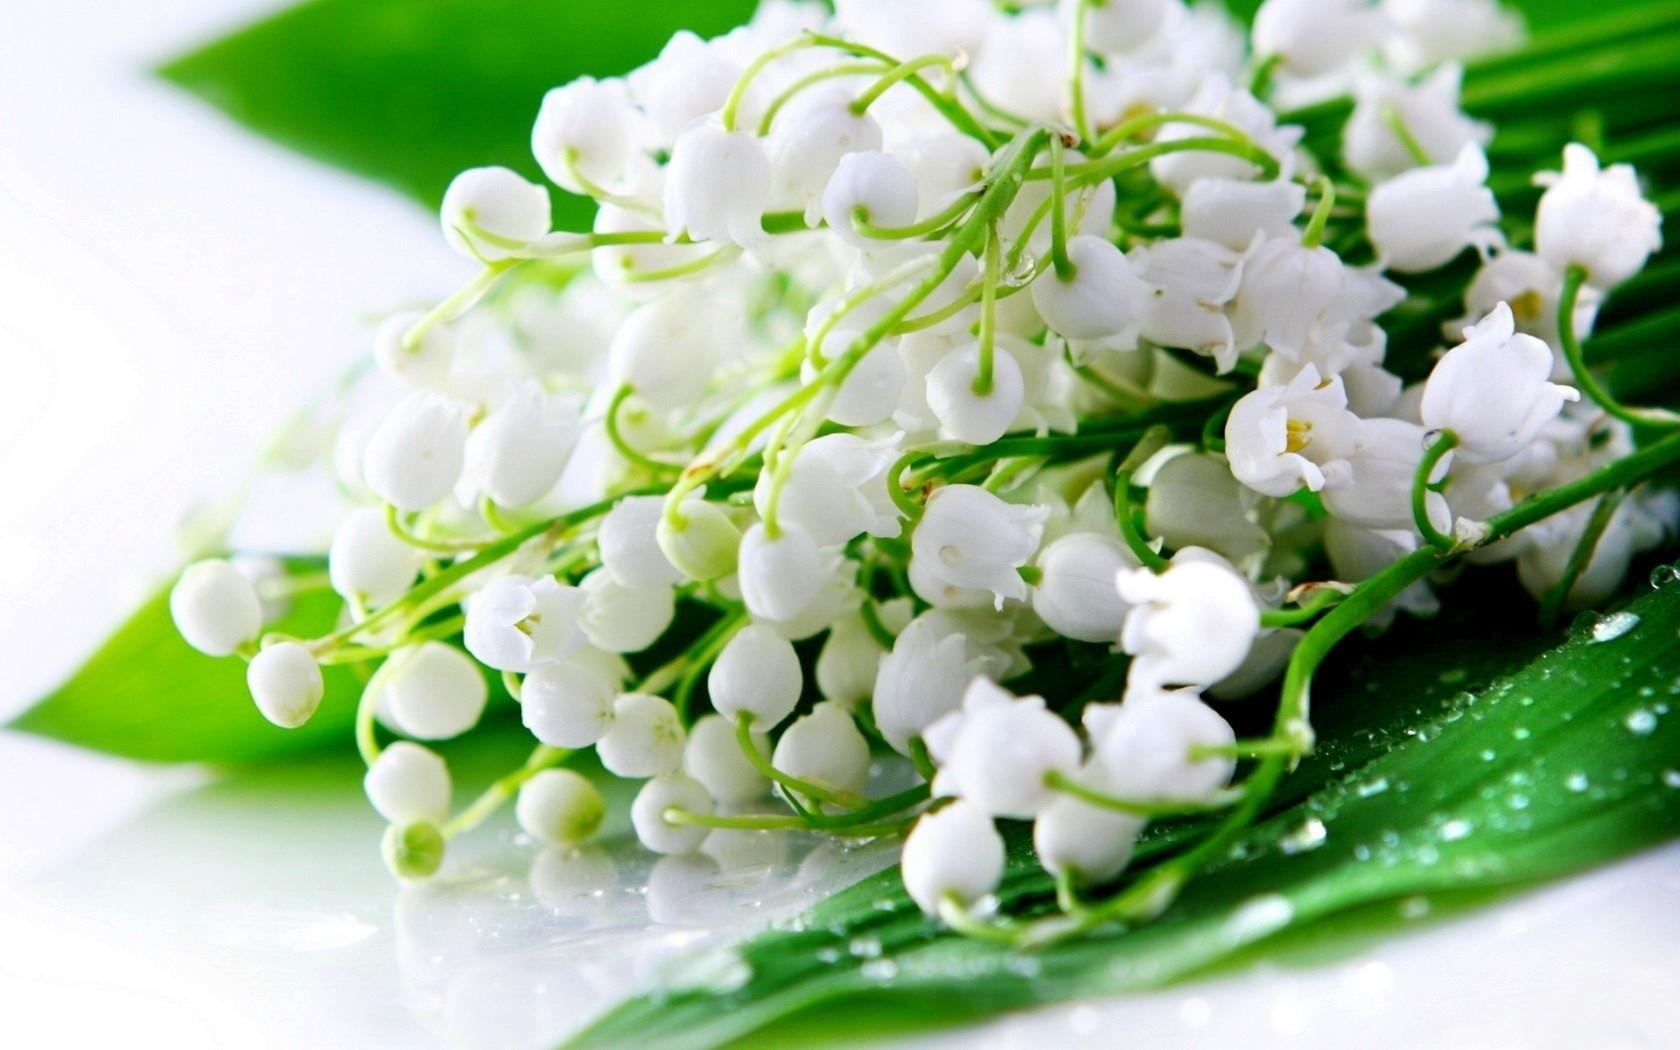 Fonds d 39 cran bouquet de fleurs lys du printemps 1680x1050 for Bouquet de fleurs hd